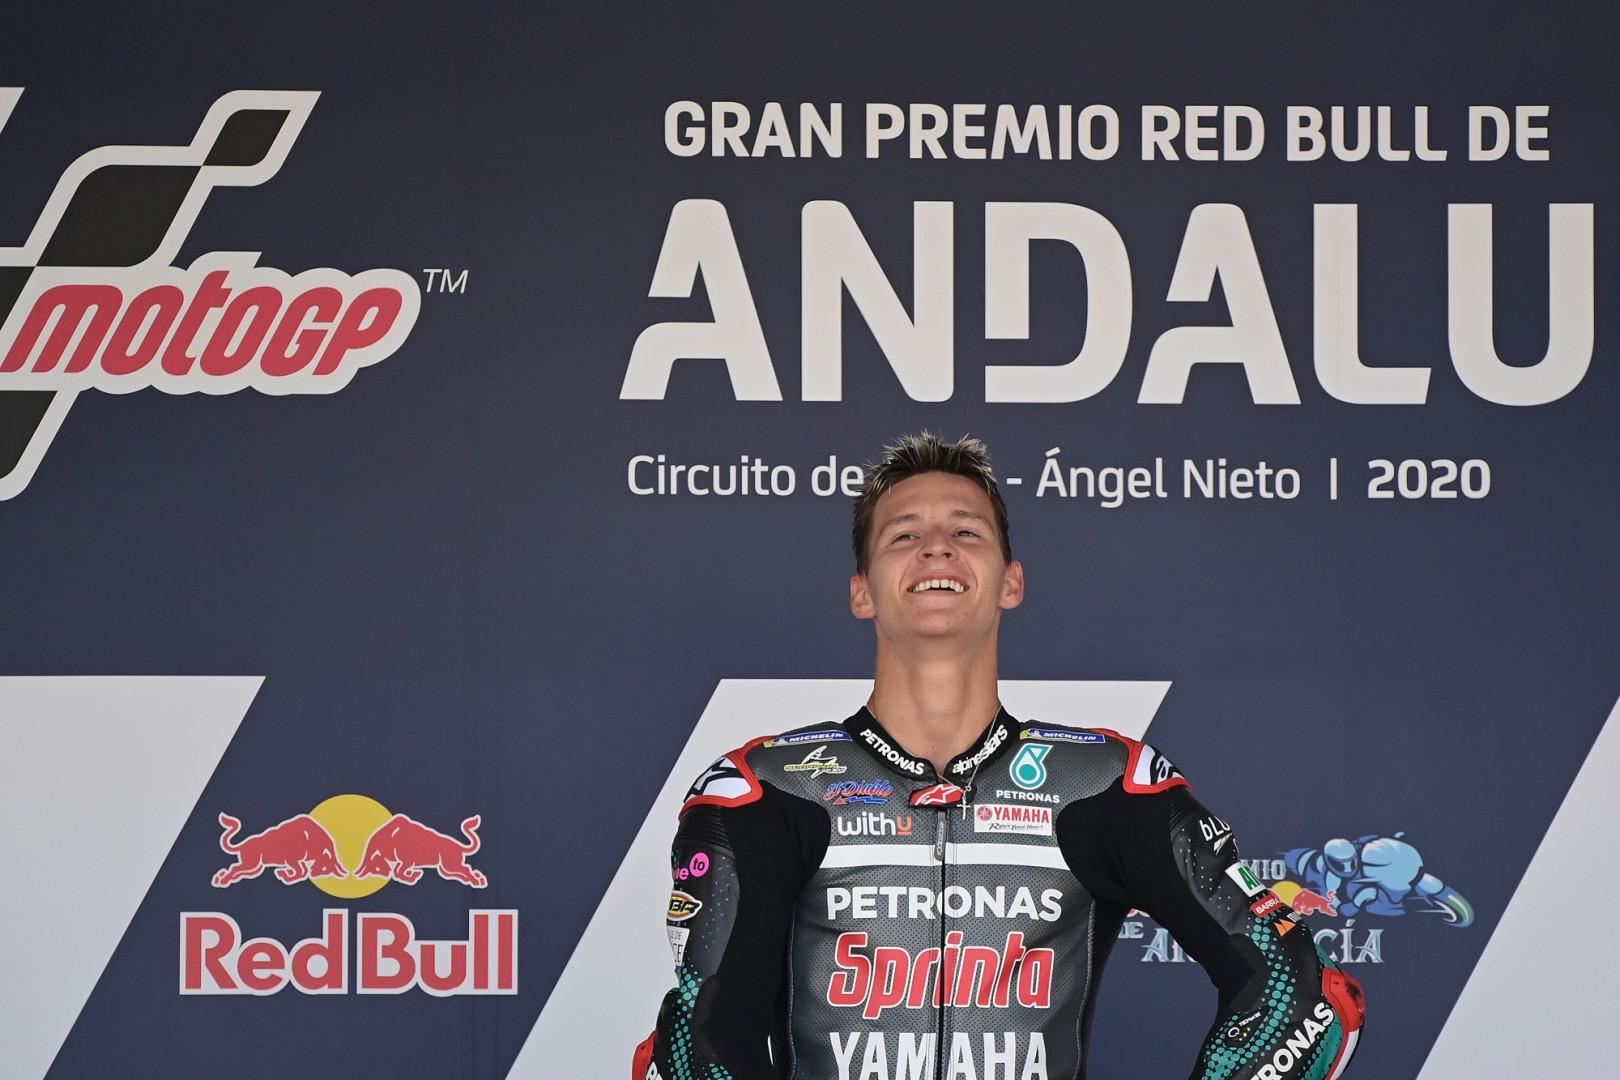 26 juillet 2020 : Fabio Quartararo remporte une 2e course de MotoGP de suite. 20 ans que la France attendait cela